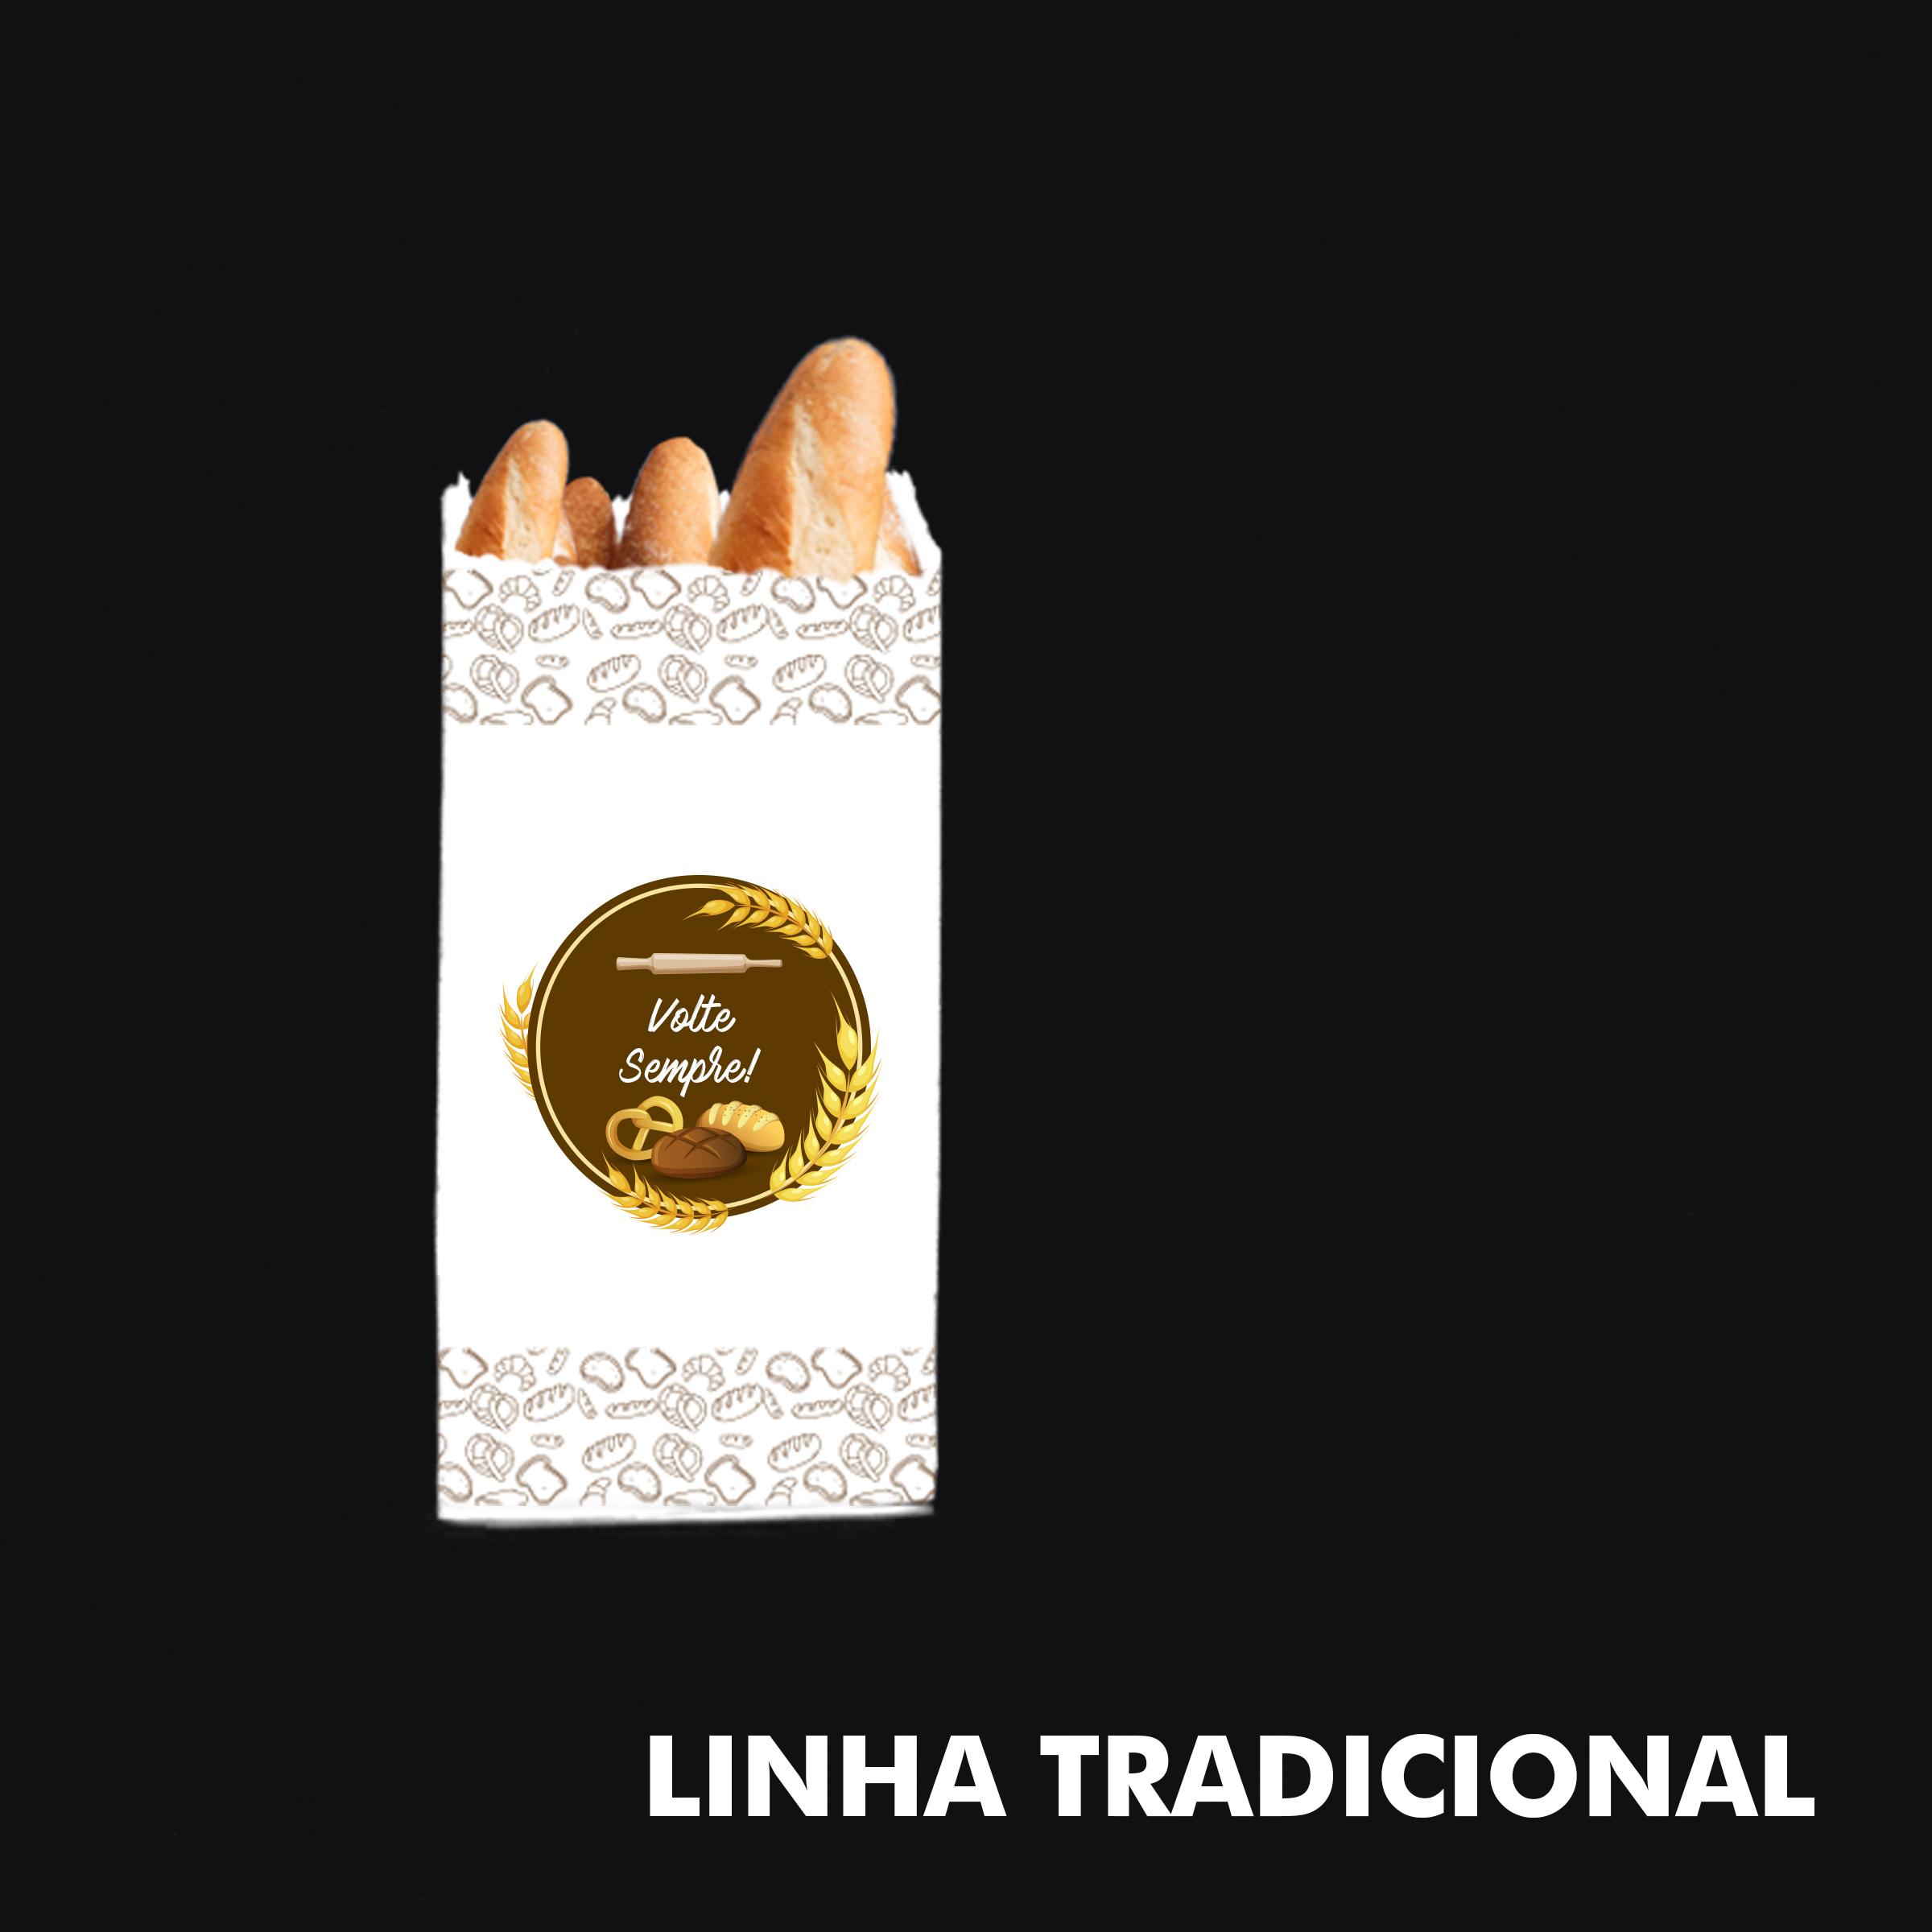 Saco de Papel Kraft Branco (Volte Sempre) – Tamanho Tradicional - RF